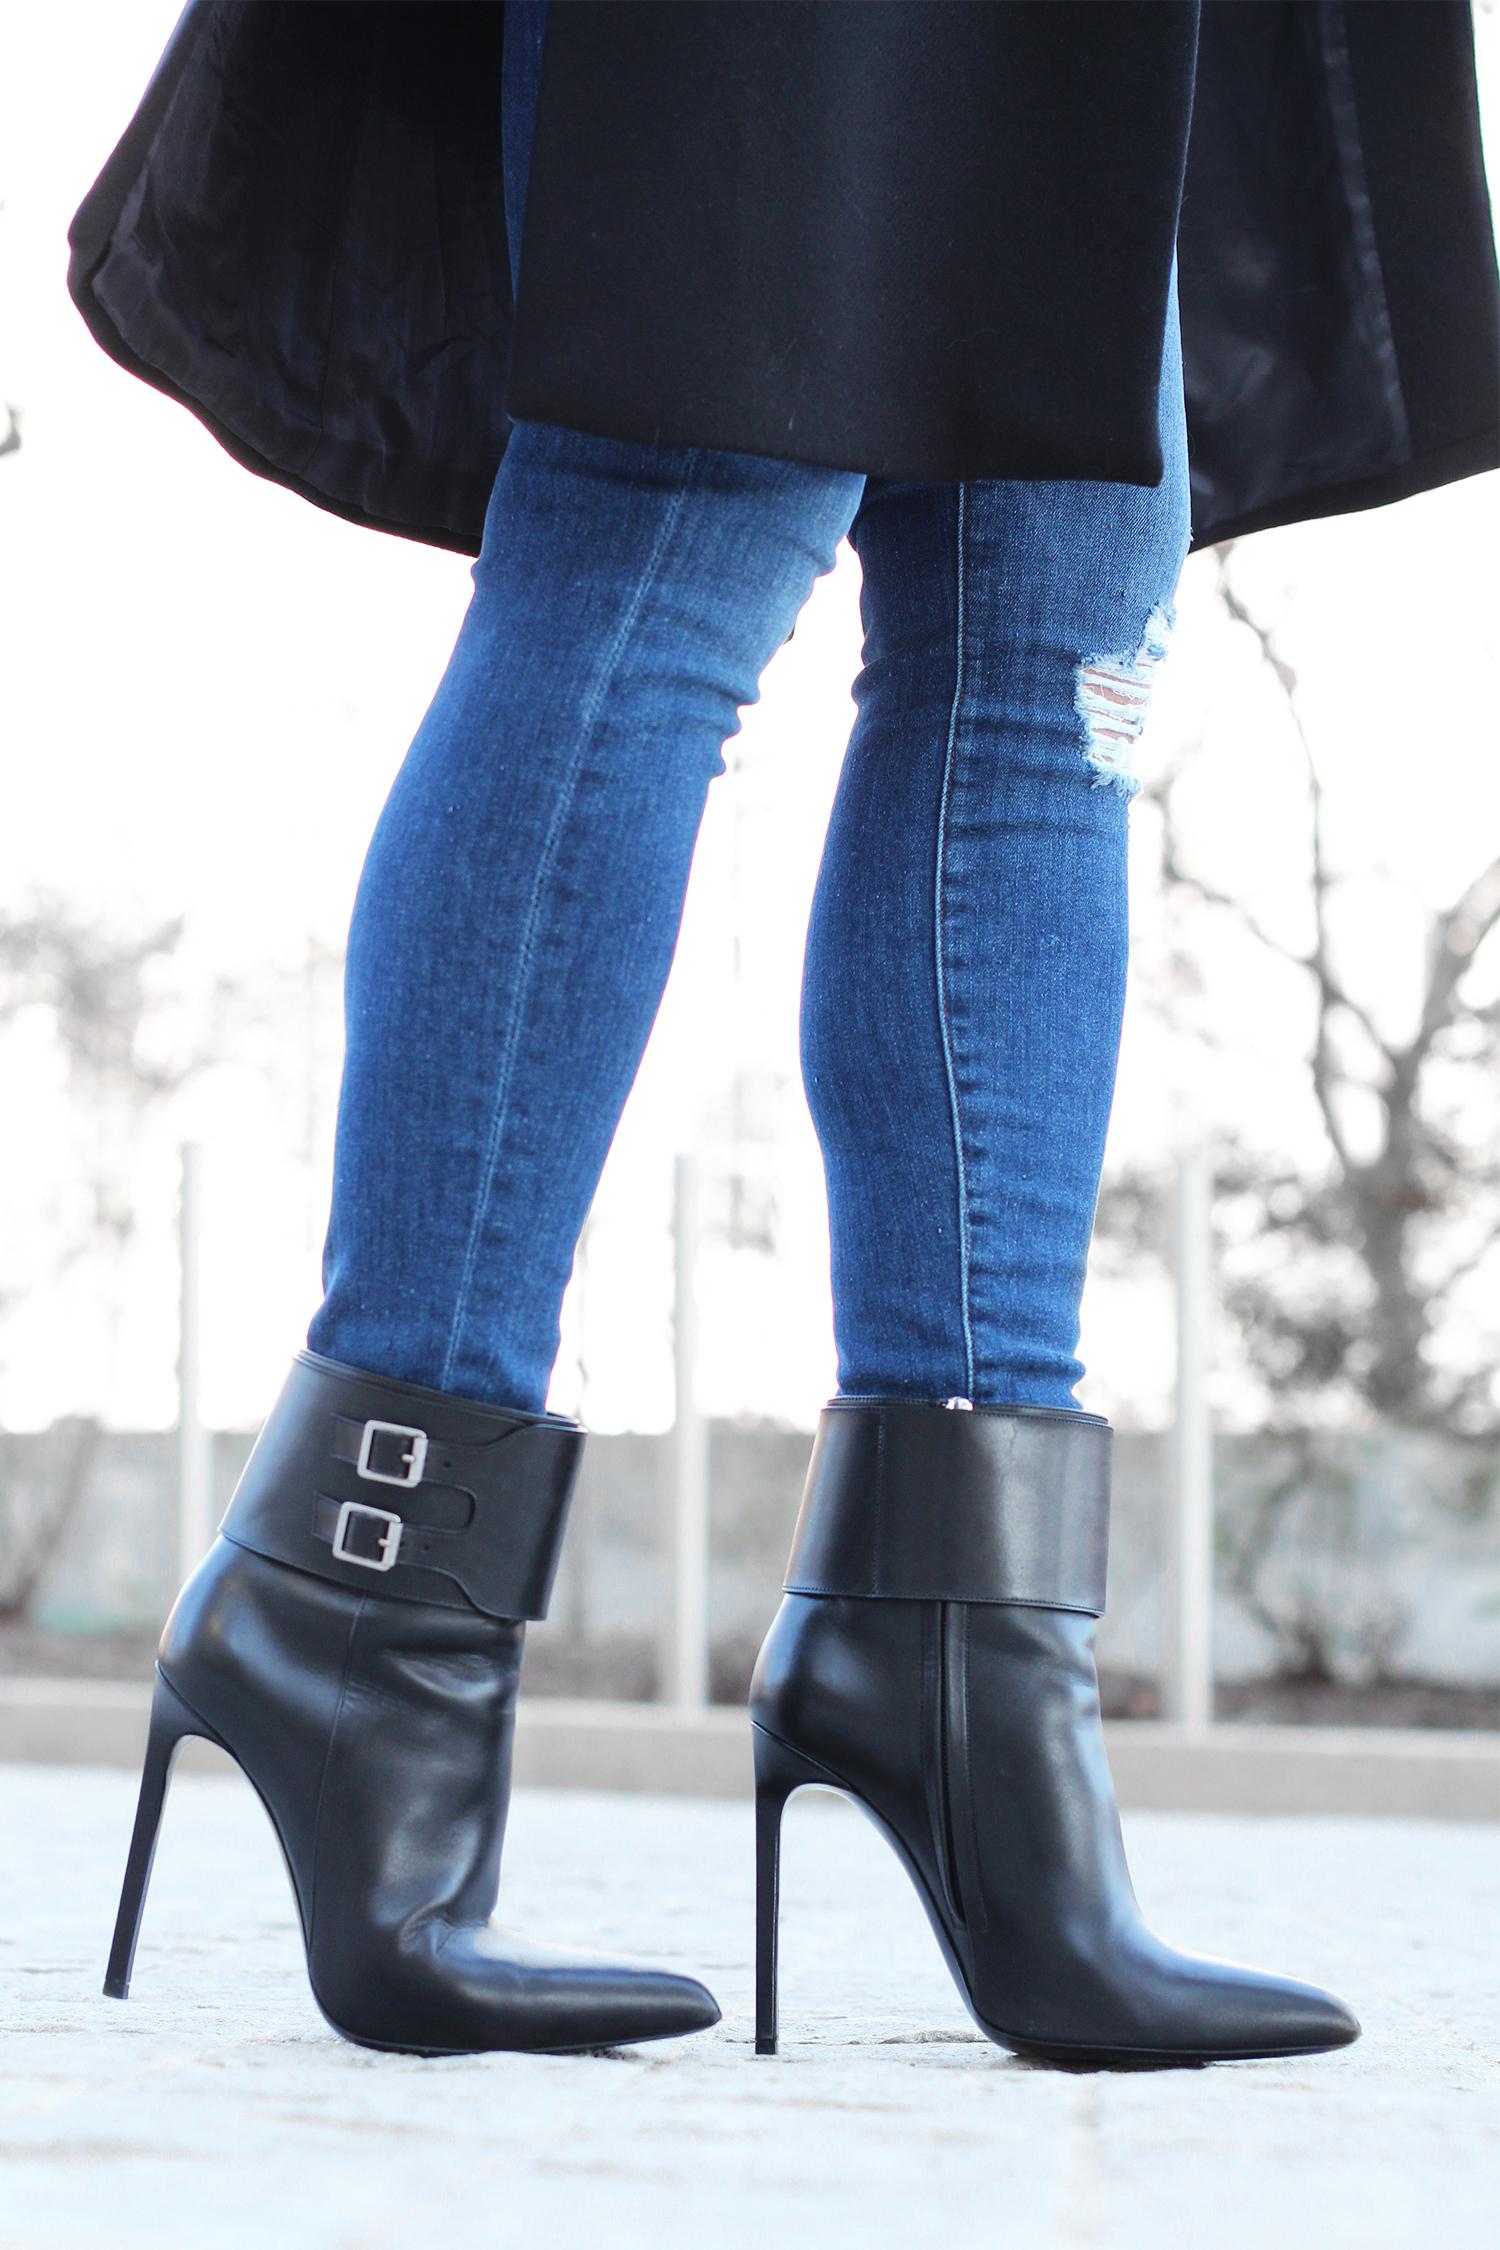 YSL High Heel Boots